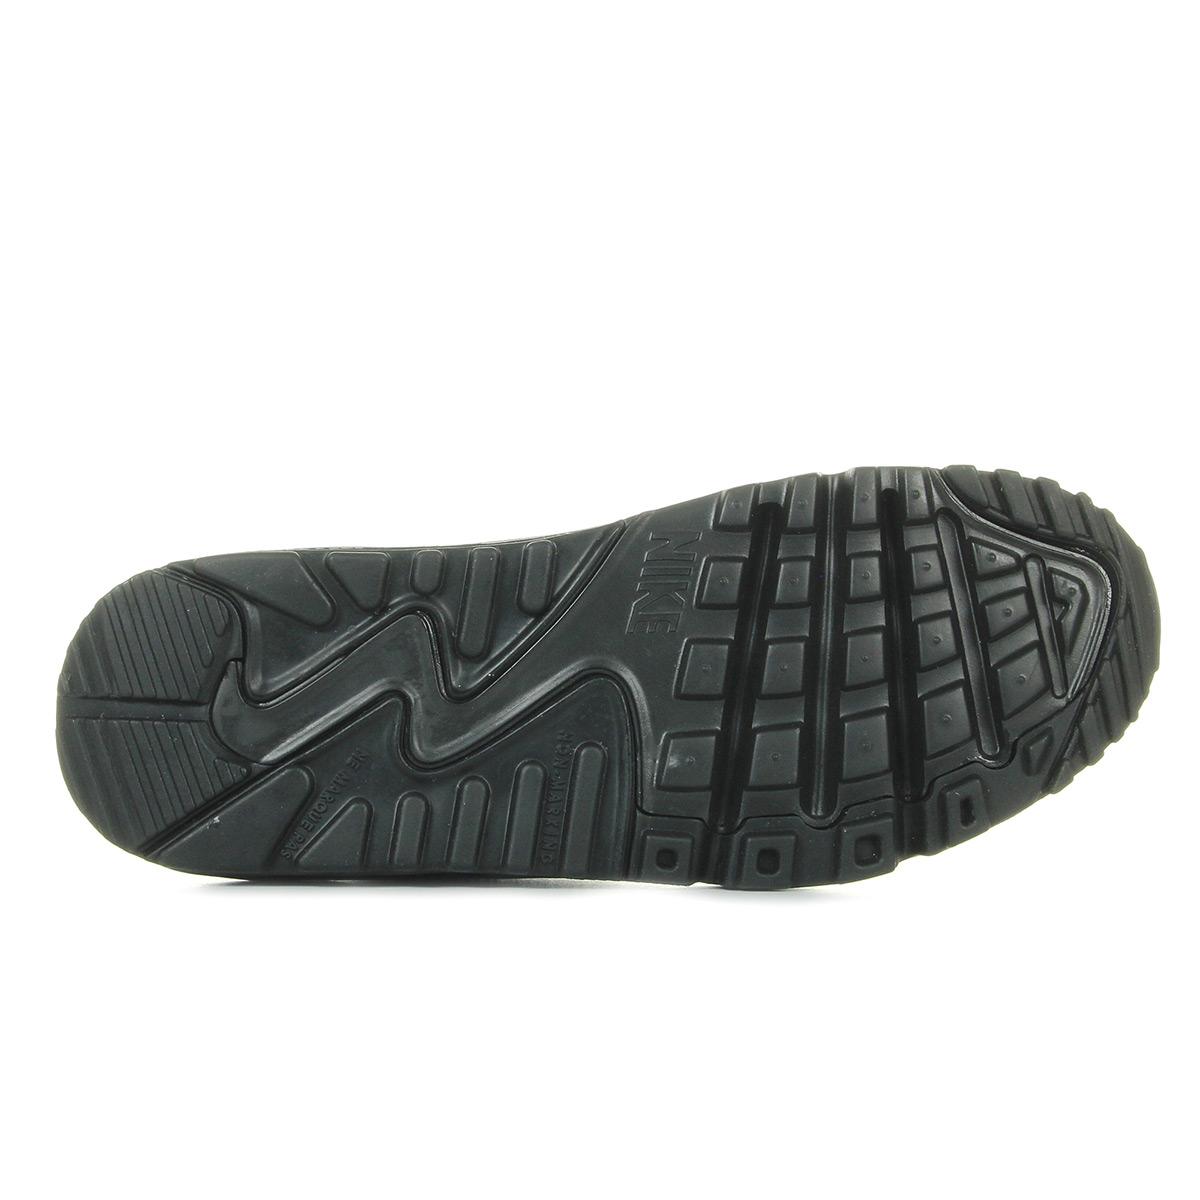 Nike Air Max 90 Mesh (GS) 833418001, Baskets mode